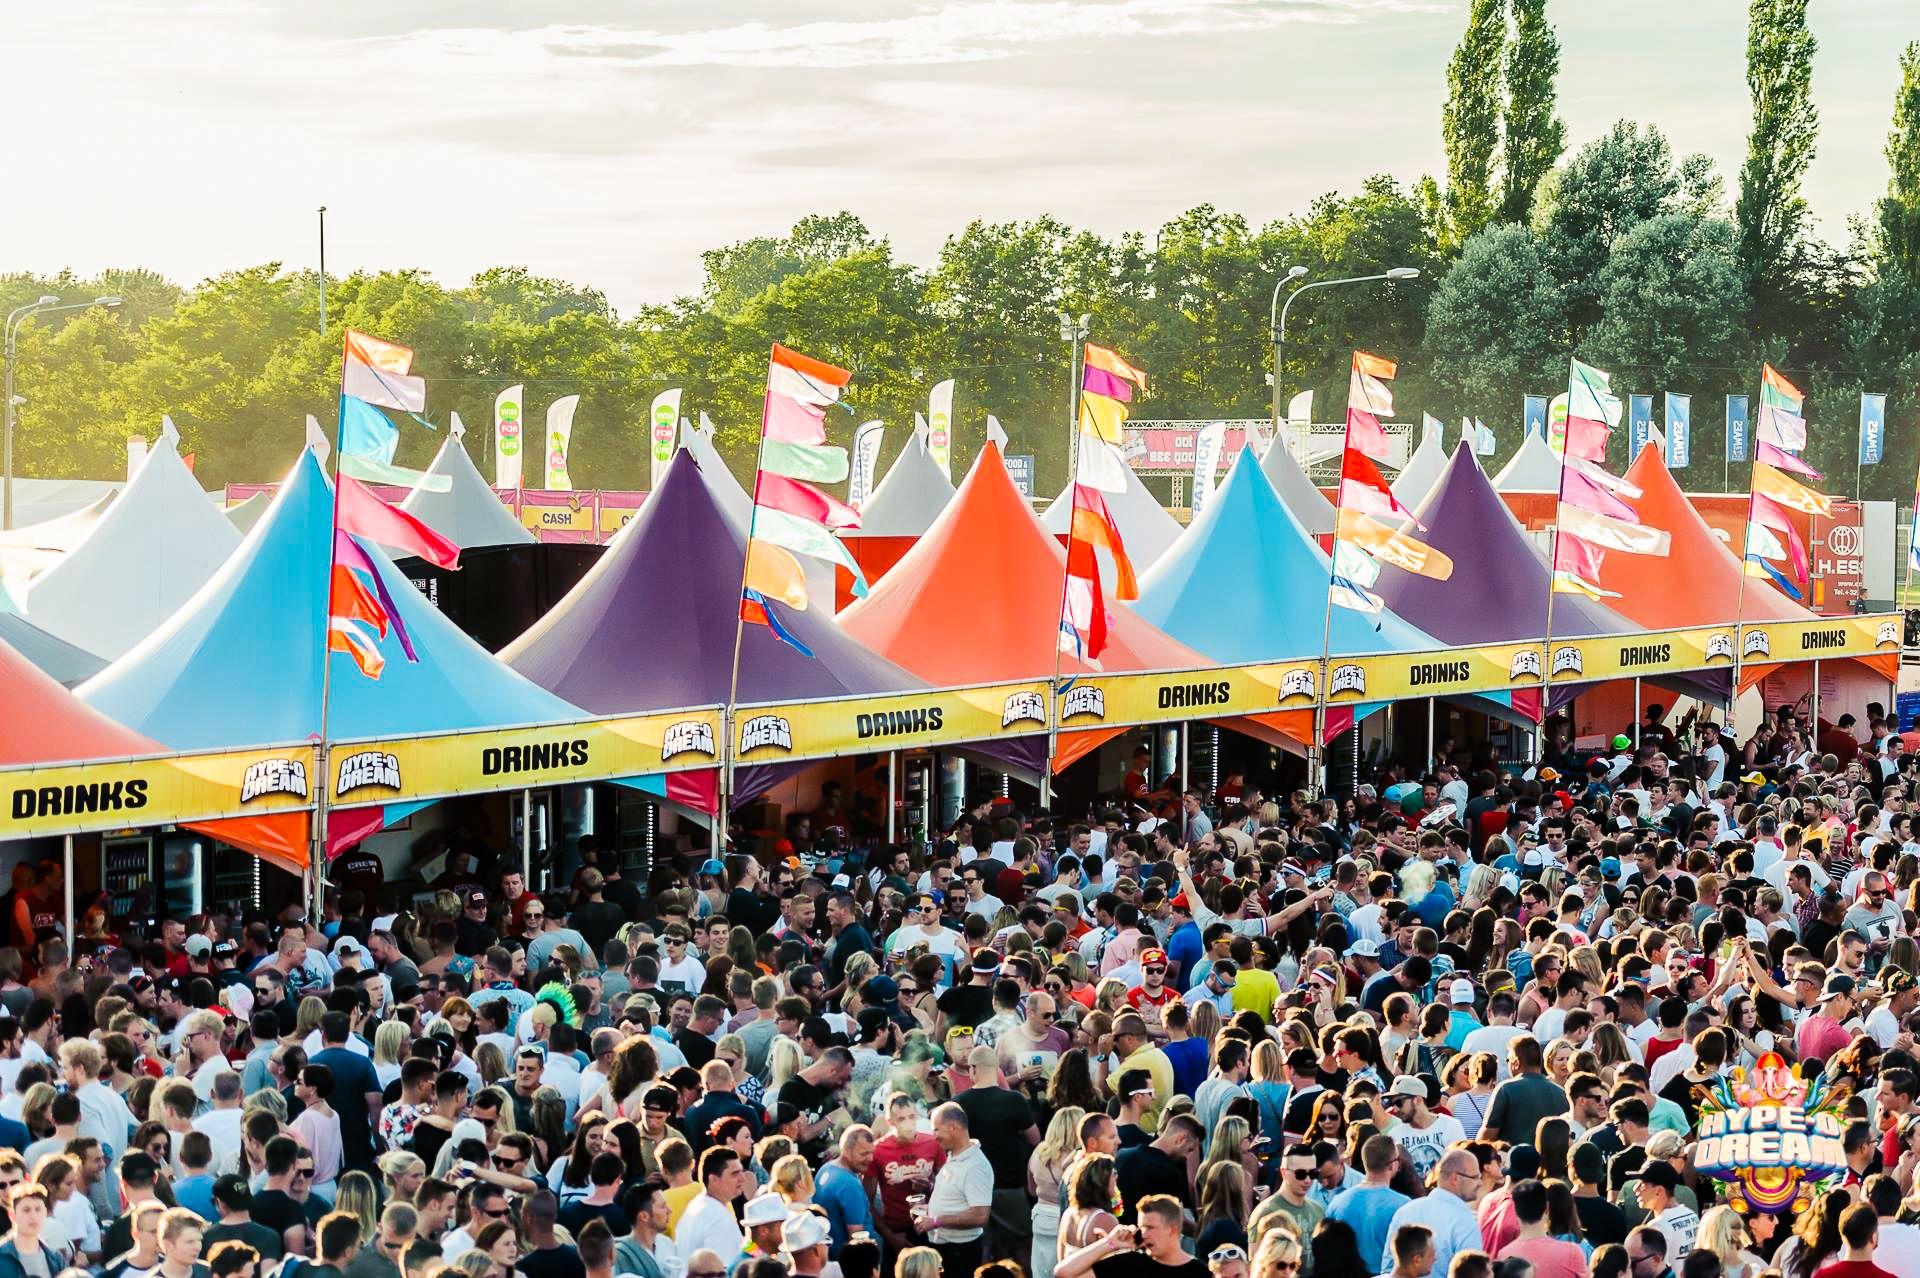 Hype O Dream Festival 2 Nice Festival Event Styling Buiten